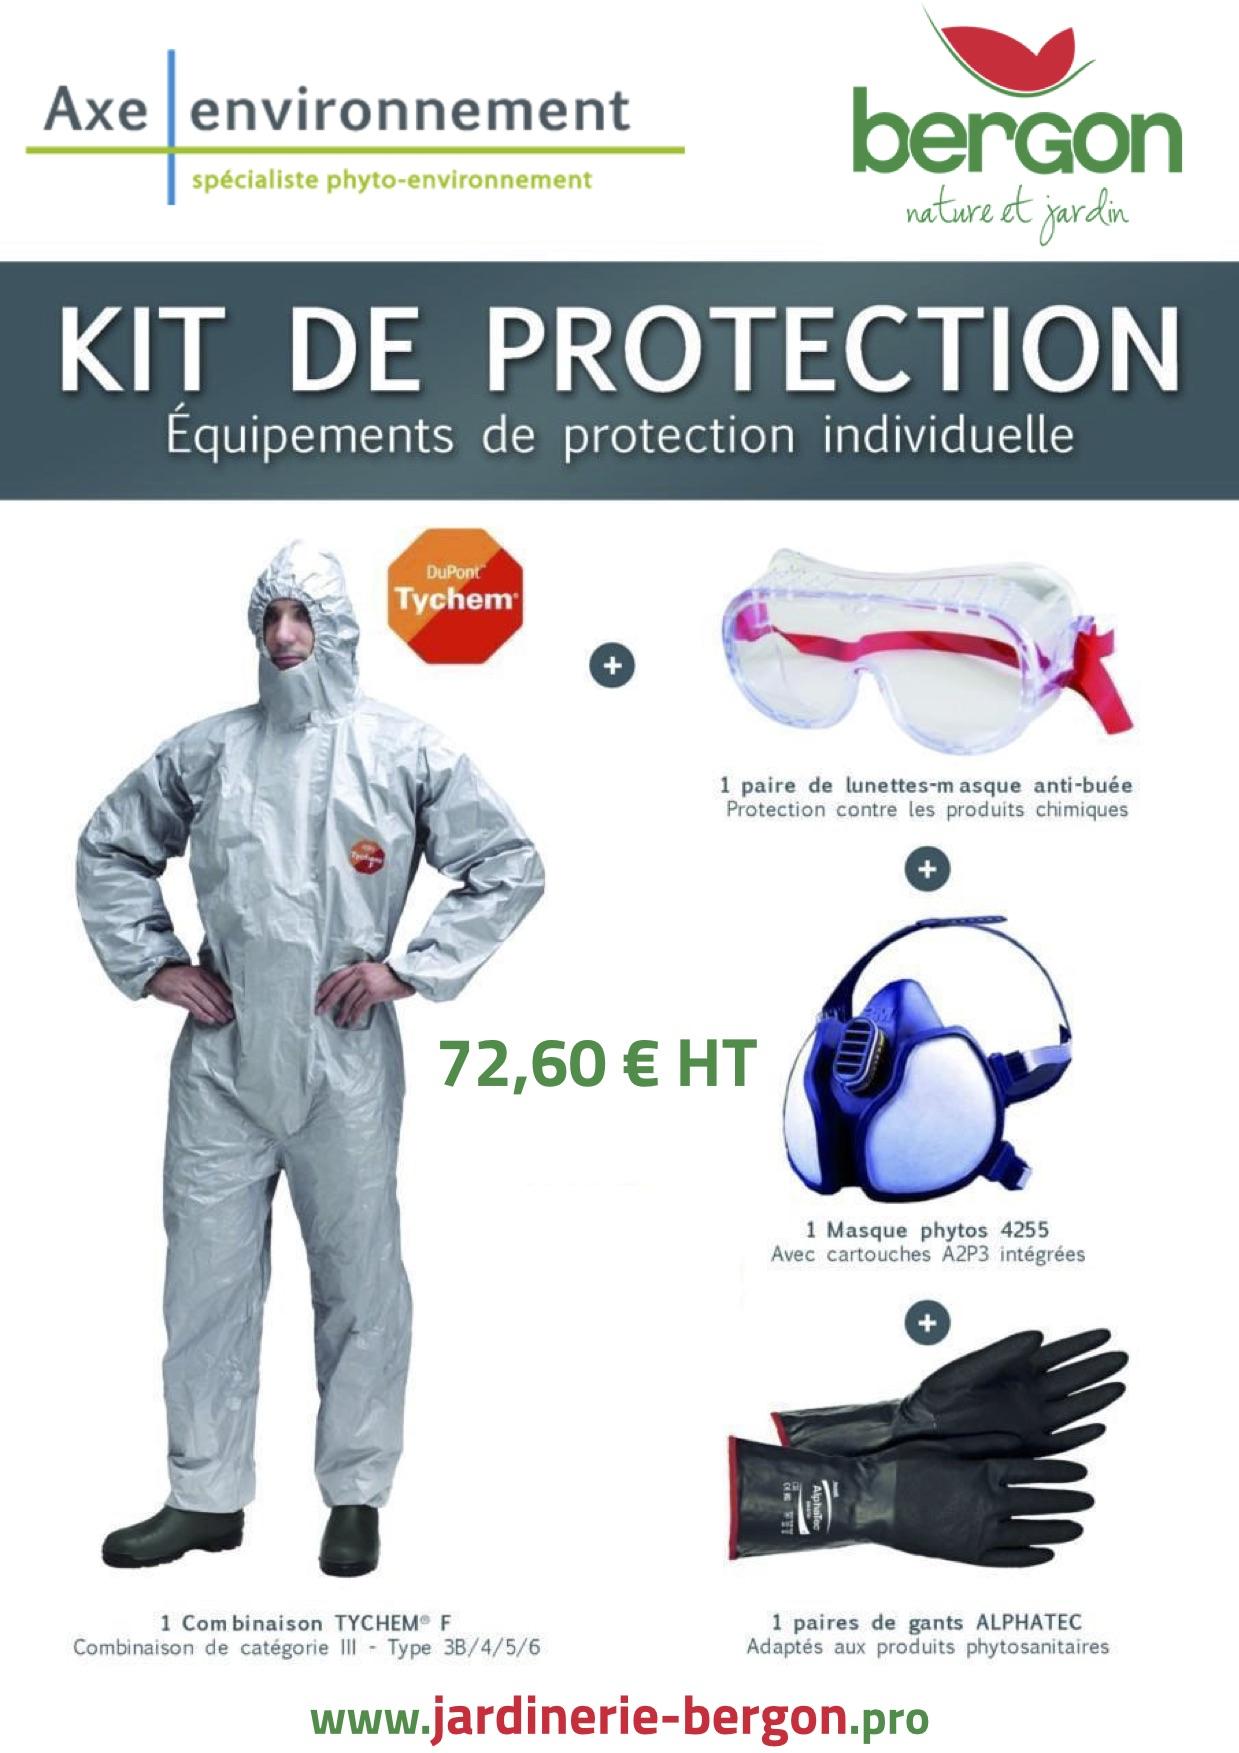 KIT d Équipement de Protection Individuelle (EPI) - Bergon Nature ... 5ff2f696436a